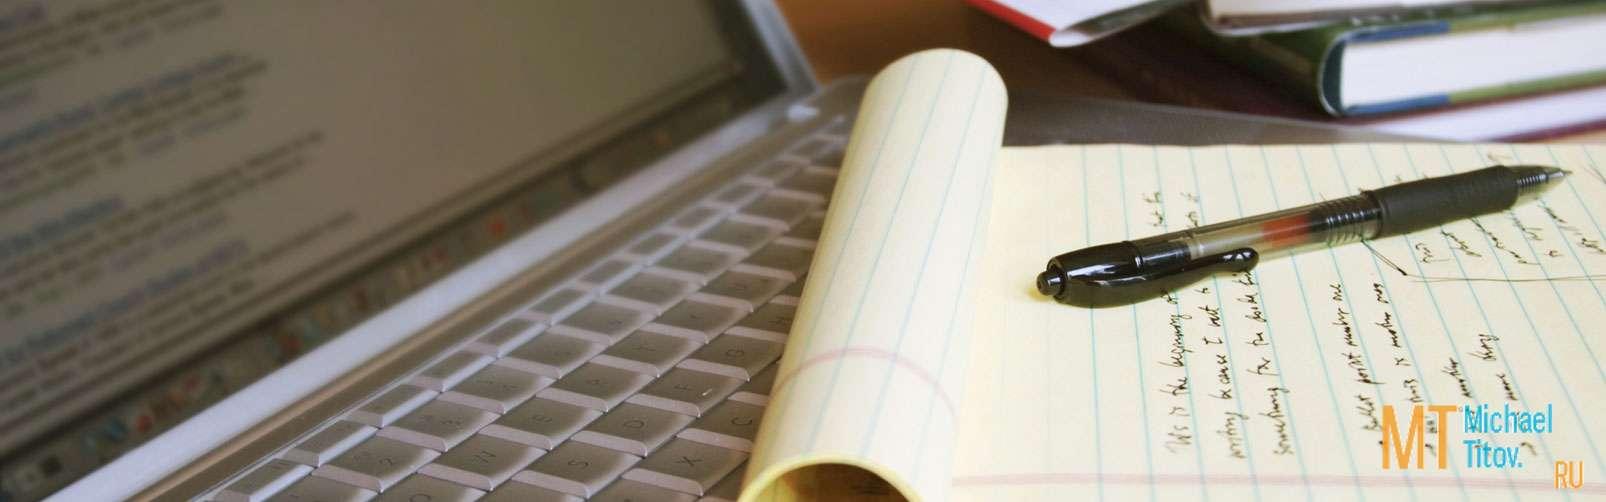 Как составить план для всех Ваших статей